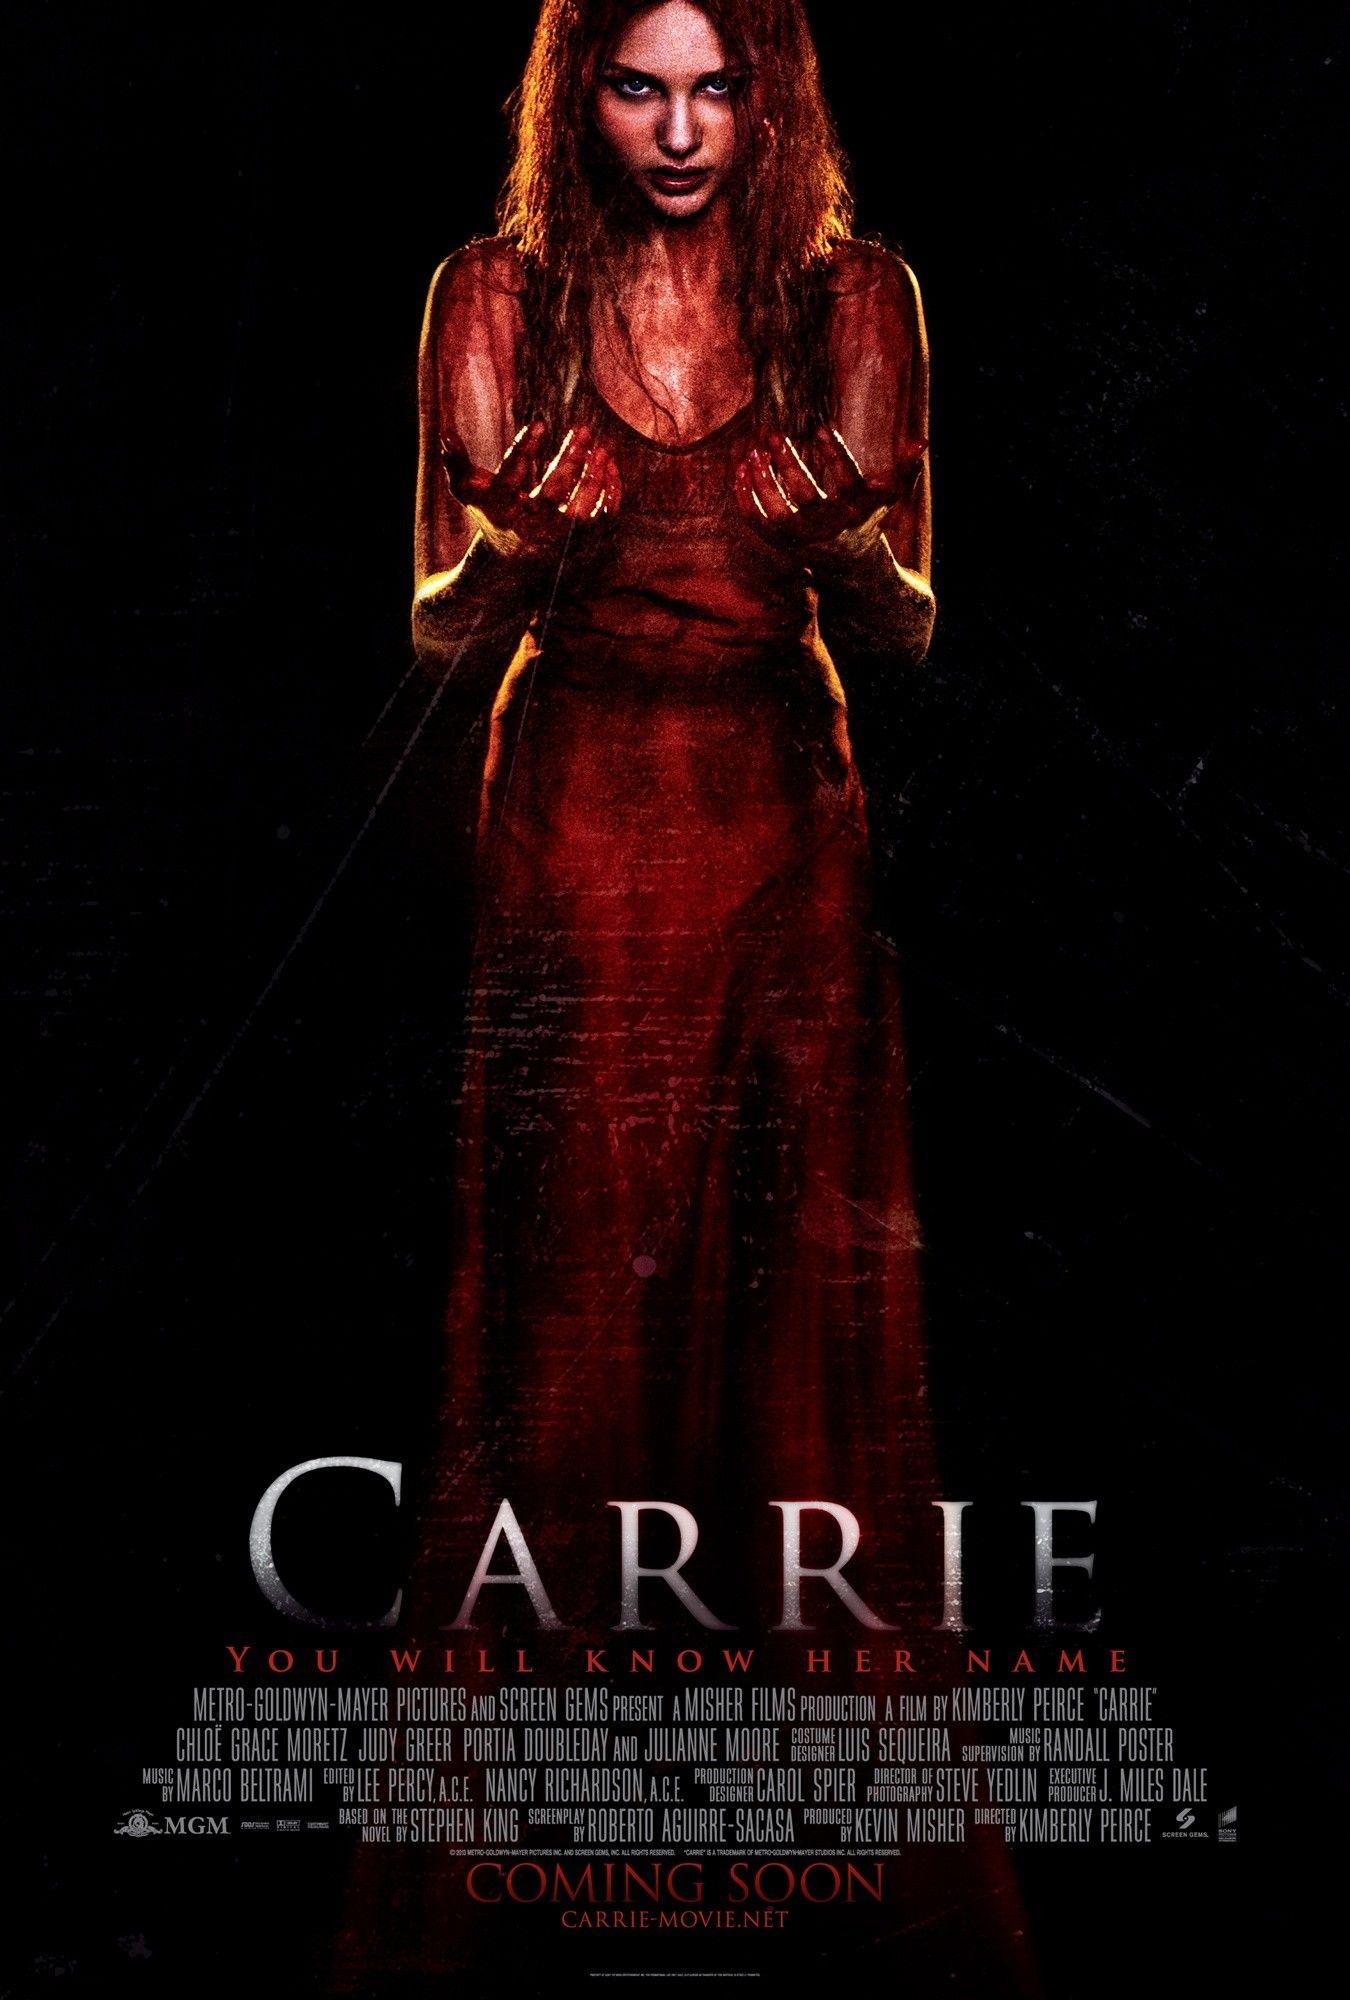 Carrie Otra Fatal Película De Terror Si Quieres Seguir Viendo Películas Decepcionantes No T Ver Pelicula De Terror Horror Movie Posters Peliculas De Terror